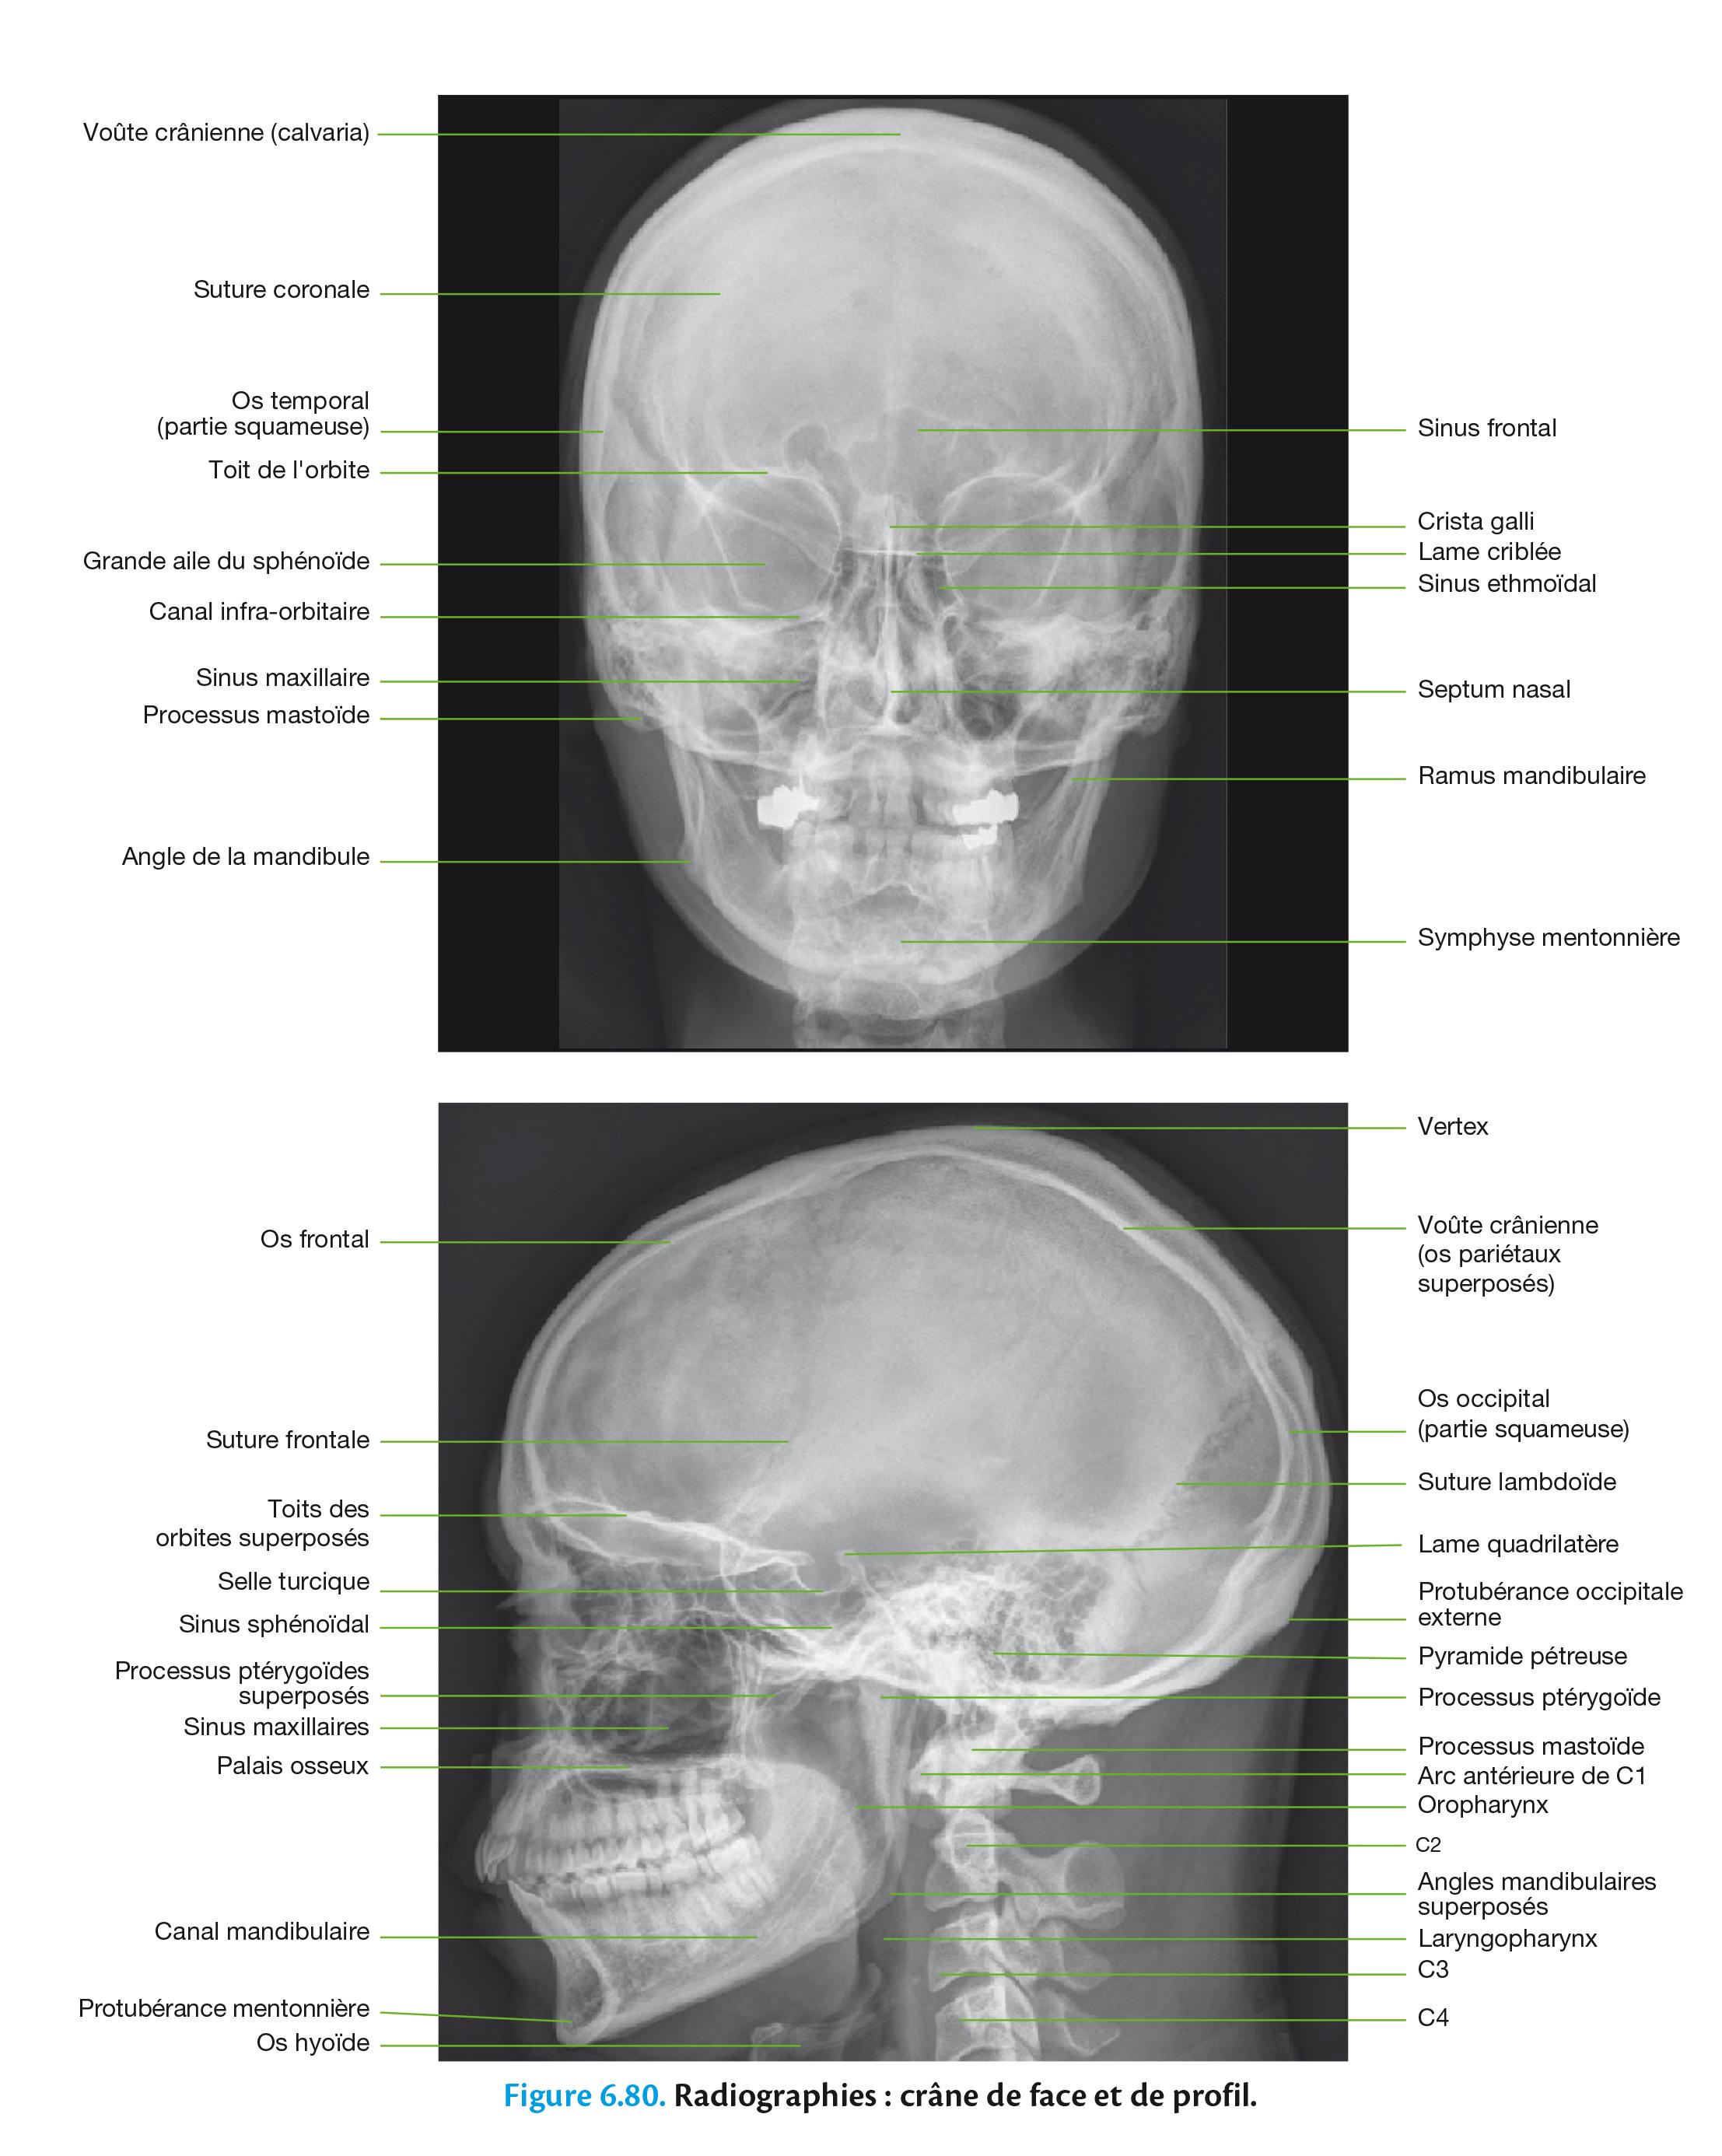 Figure 6.80. Radiographies : crâne de face et de profil.